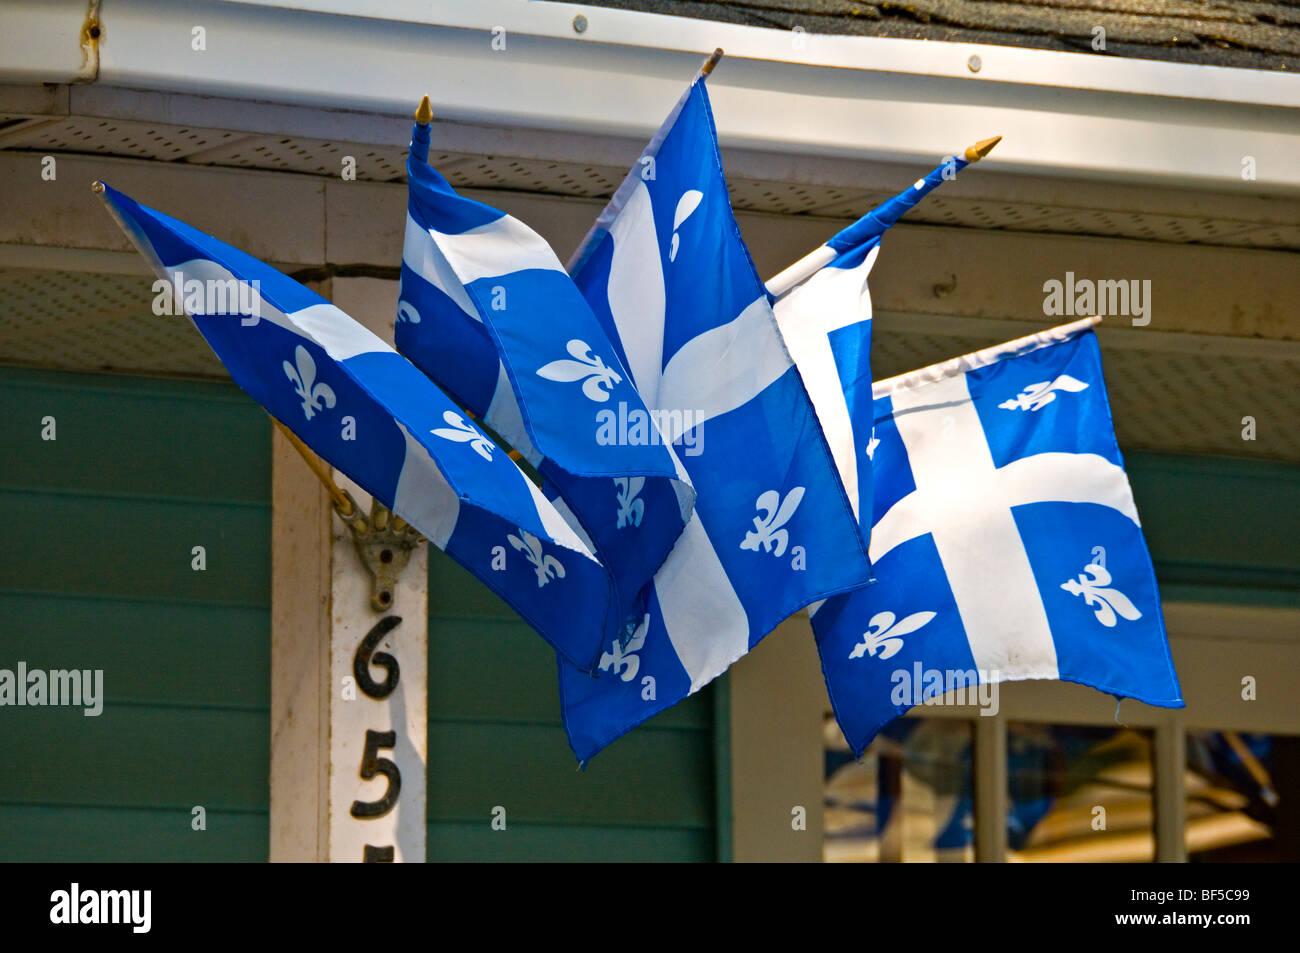 Drapeaux du Québec sur une maison dans le village de St Denis sur Richelieu Québec Canada Photo Stock